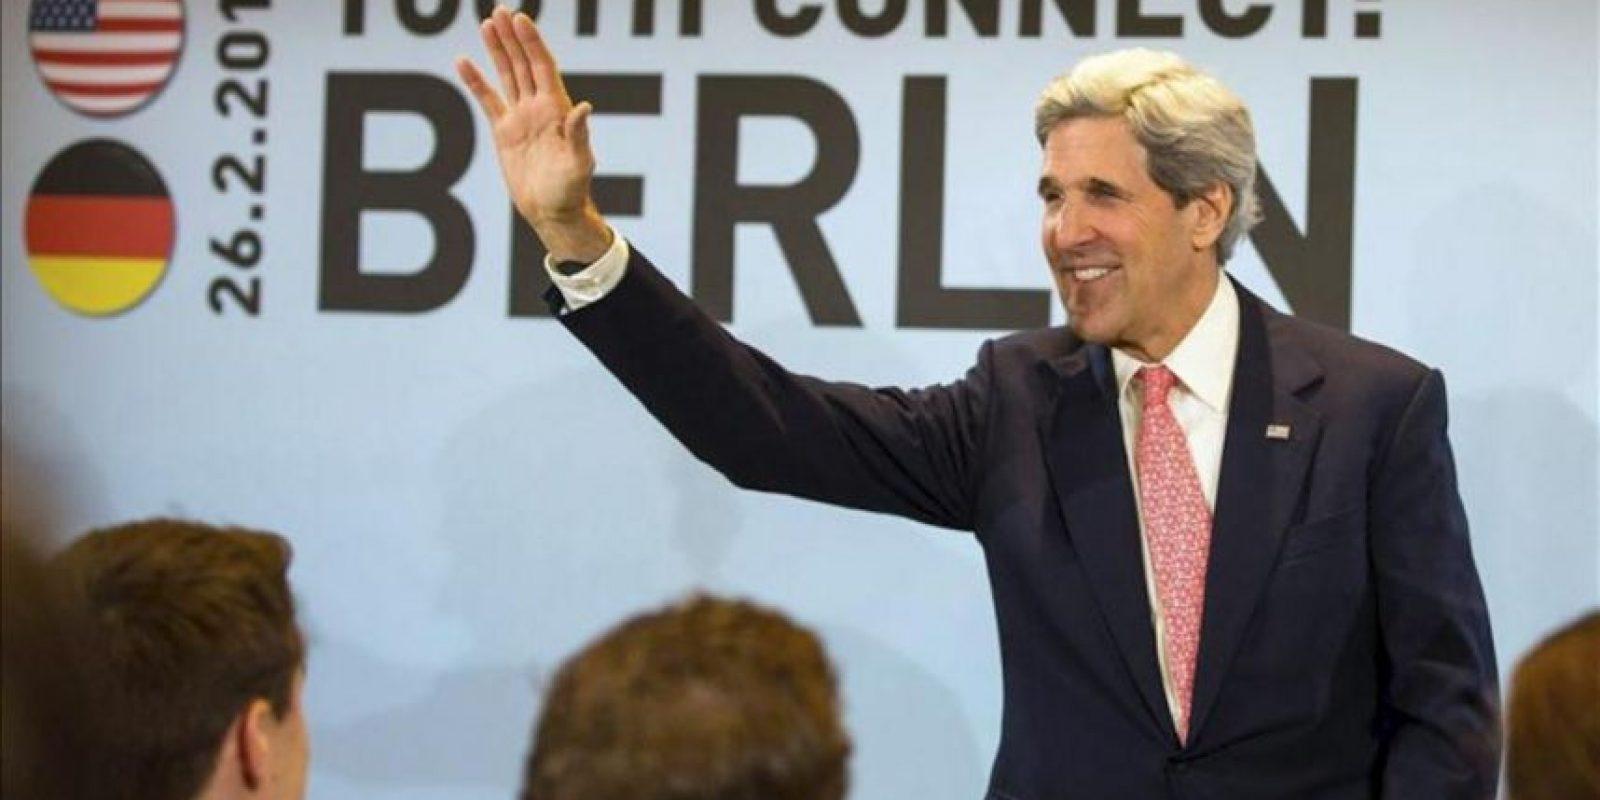 El secretario de Estado de EEUU, John Kerry, contesta hoy las preguntas del público en el foro Youth Connect durante su visita en Berlín (Alemania). EFE